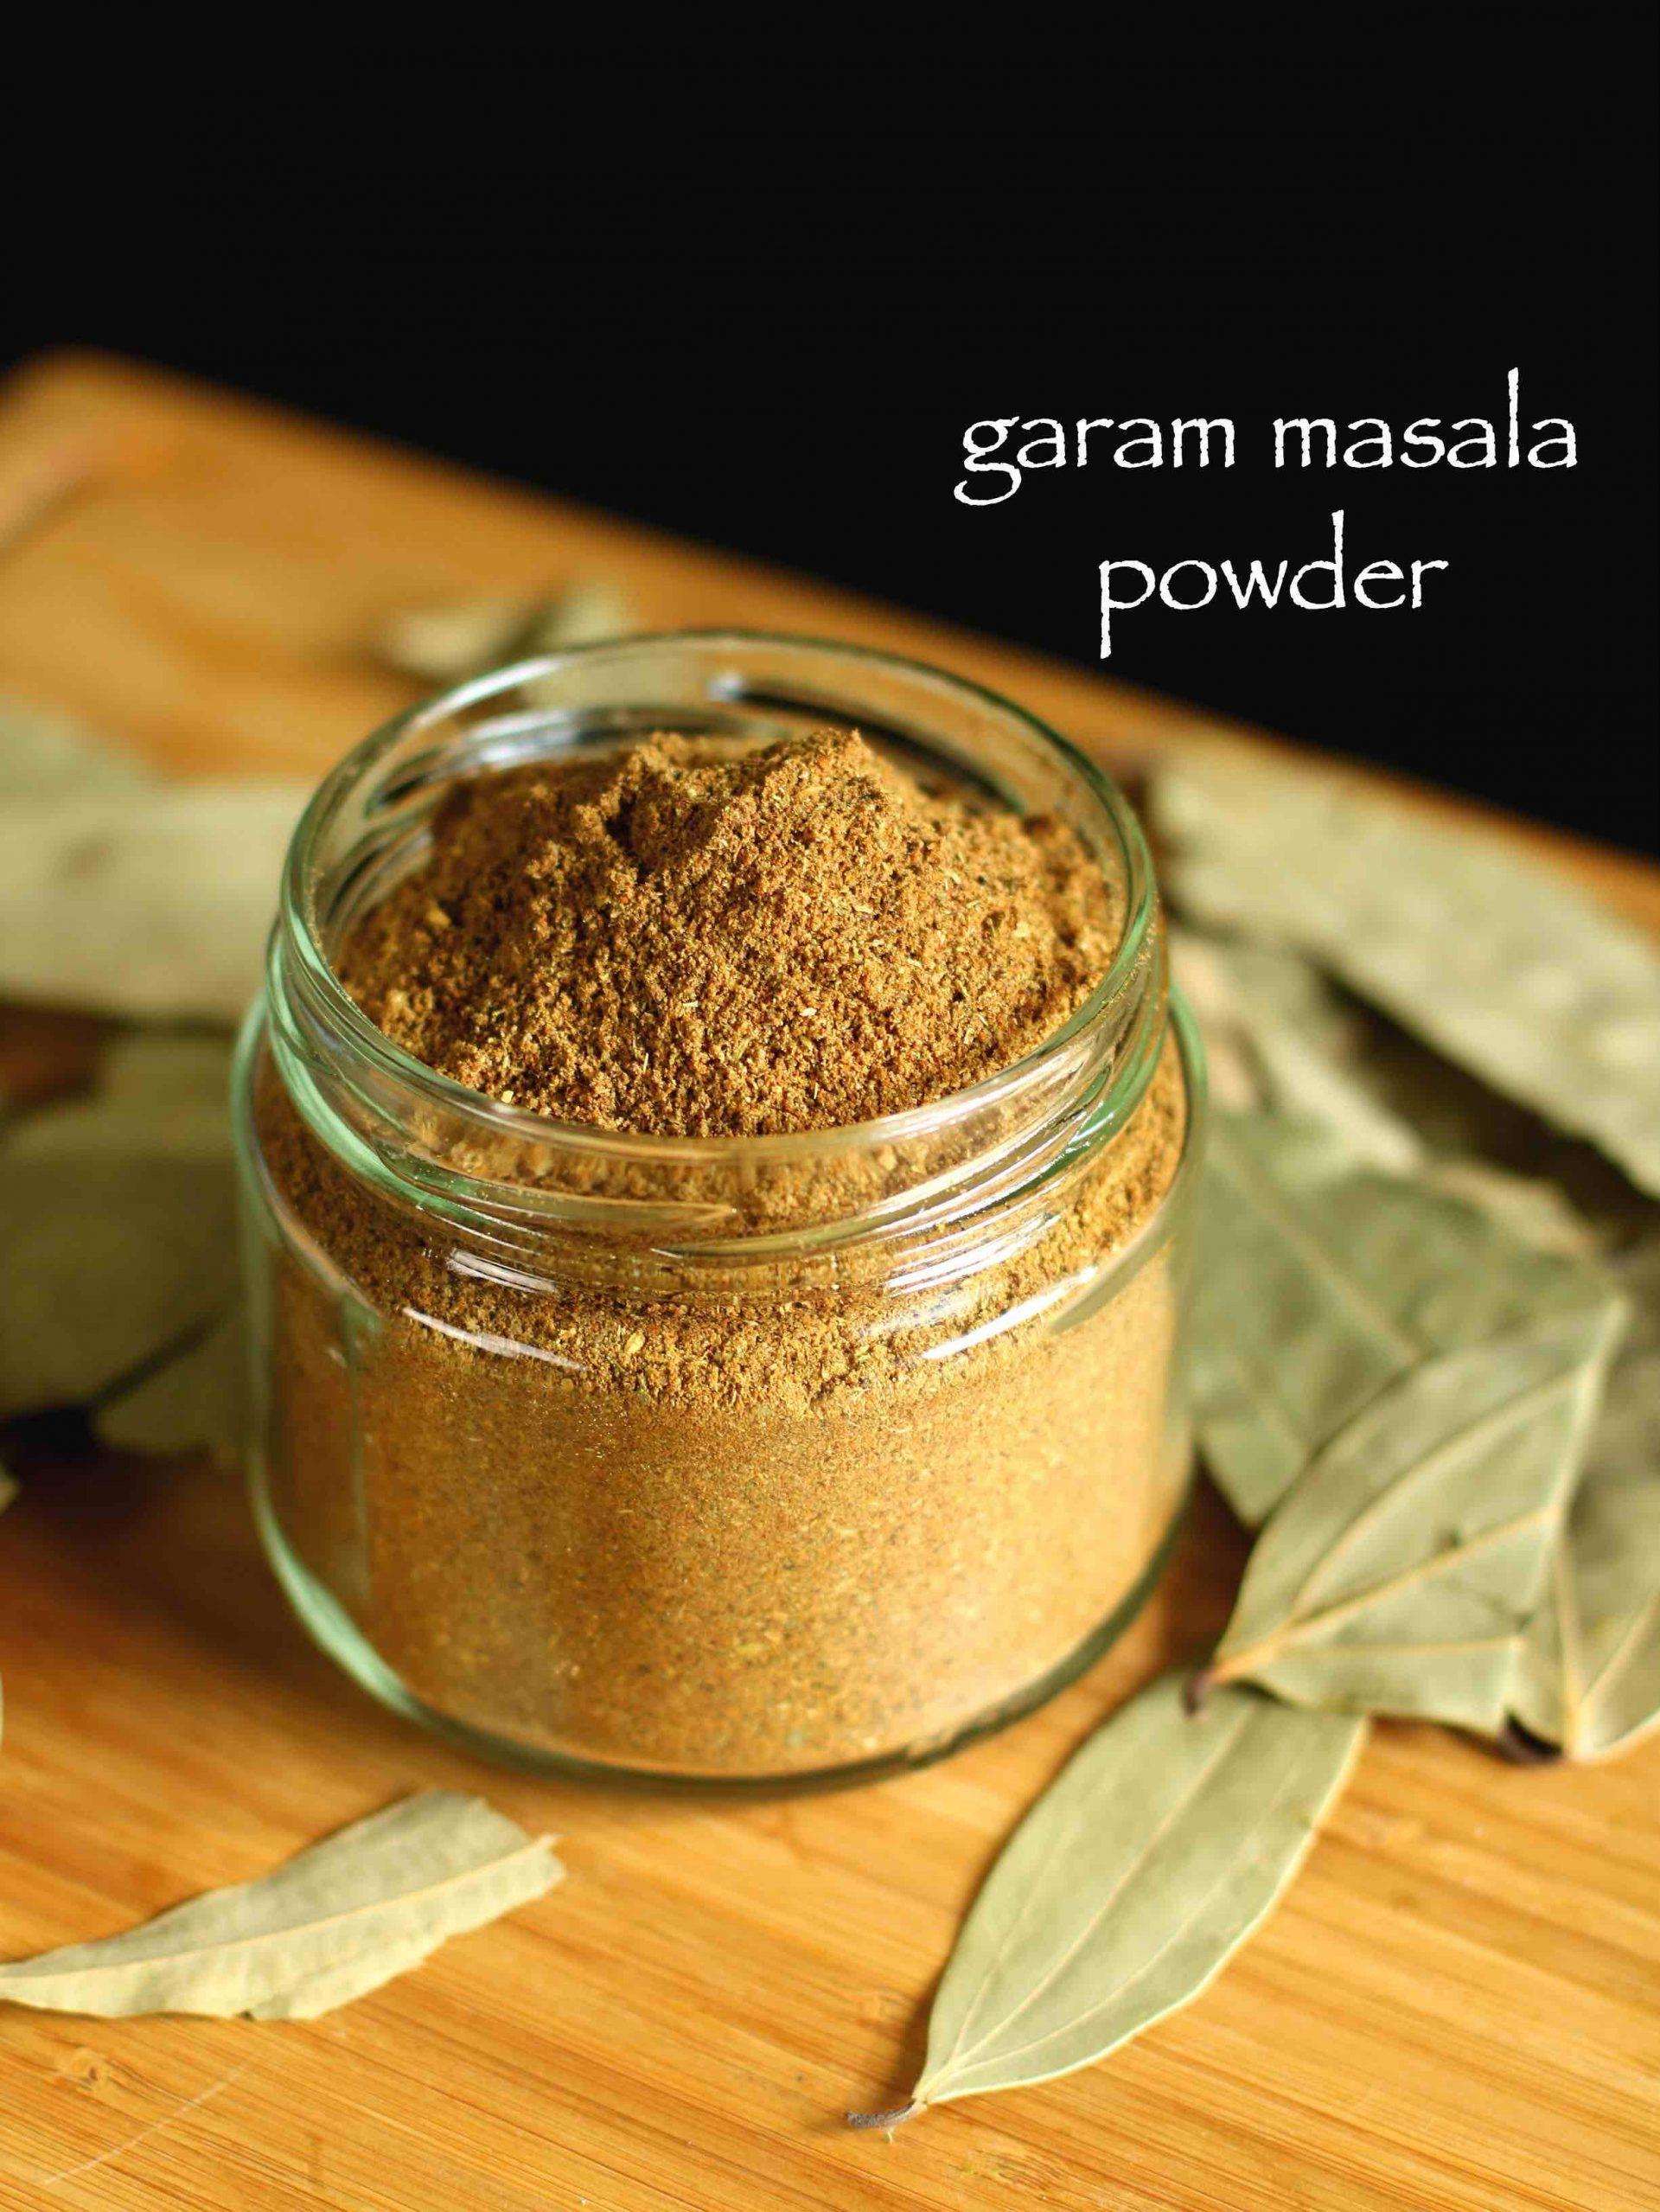 Garam Masala Recipe How To Make Homemade Garam Masala Powder Recipe Garam Masala Powder Recipe Recipes Spice Mix Recipes